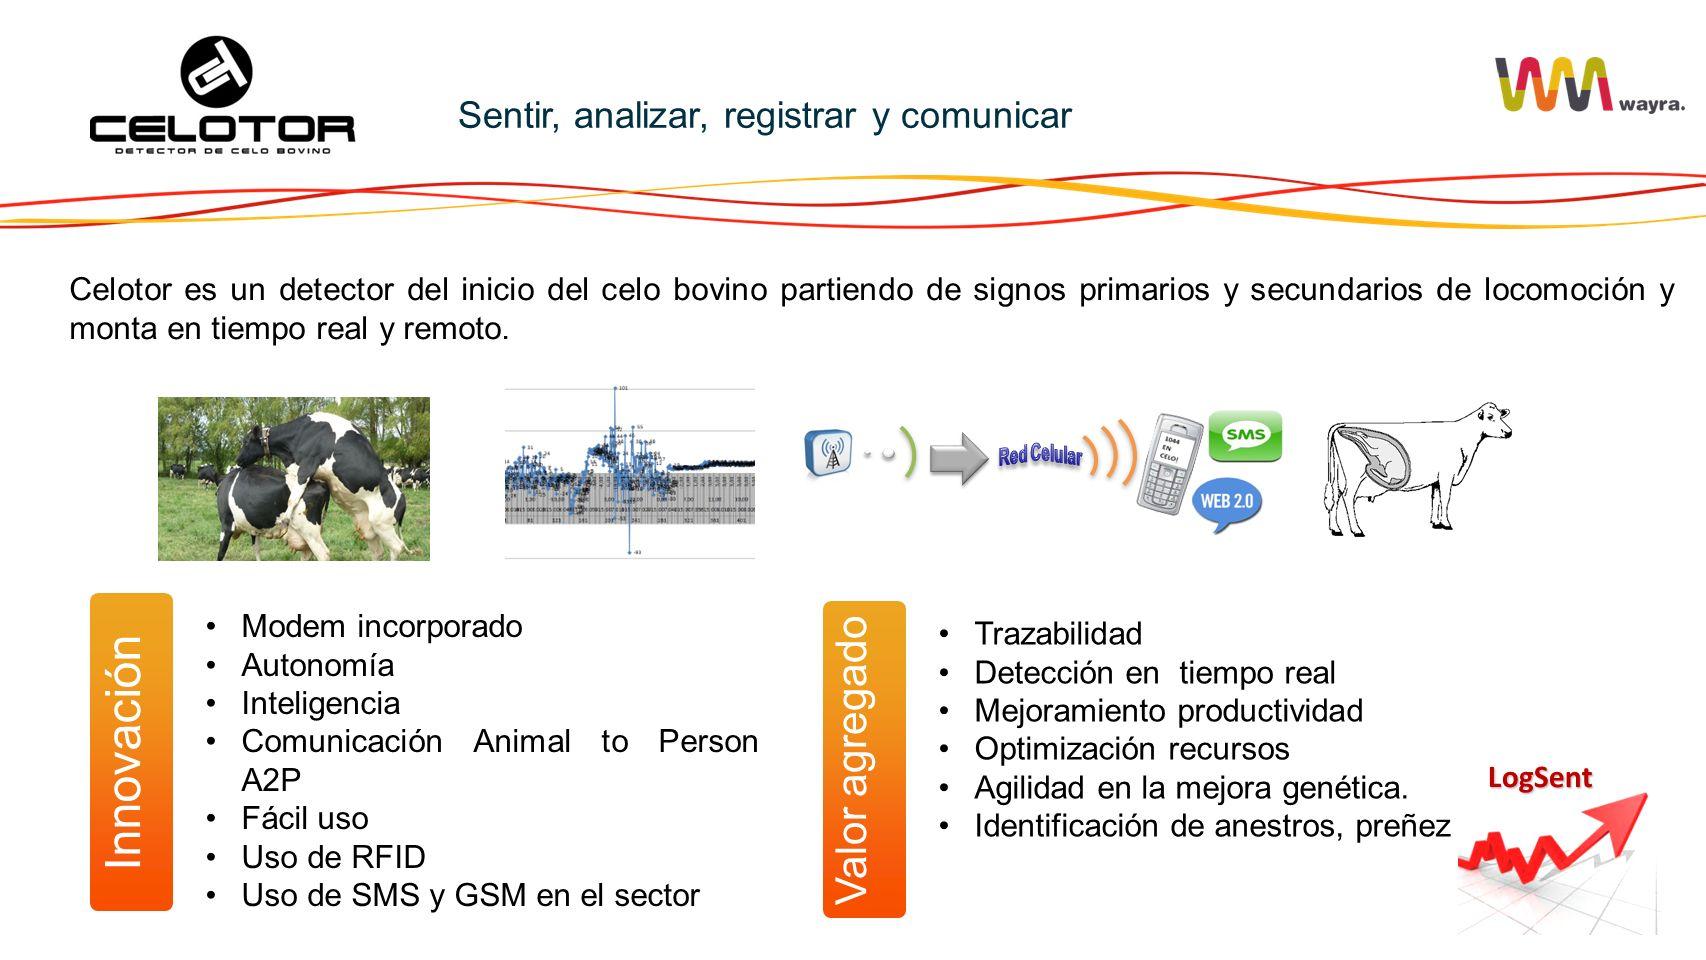 Sentir, analizar, registrar y comunicar Modem incorporado Autonomía Inteligencia Comunicación Animal to Person A2P Fácil uso Uso de RFID Uso de SMS y GSM en el sector Innovación Trazabilidad Detección en tiempo real Mejoramiento productividad Optimización recursos Agilidad en la mejora genética.